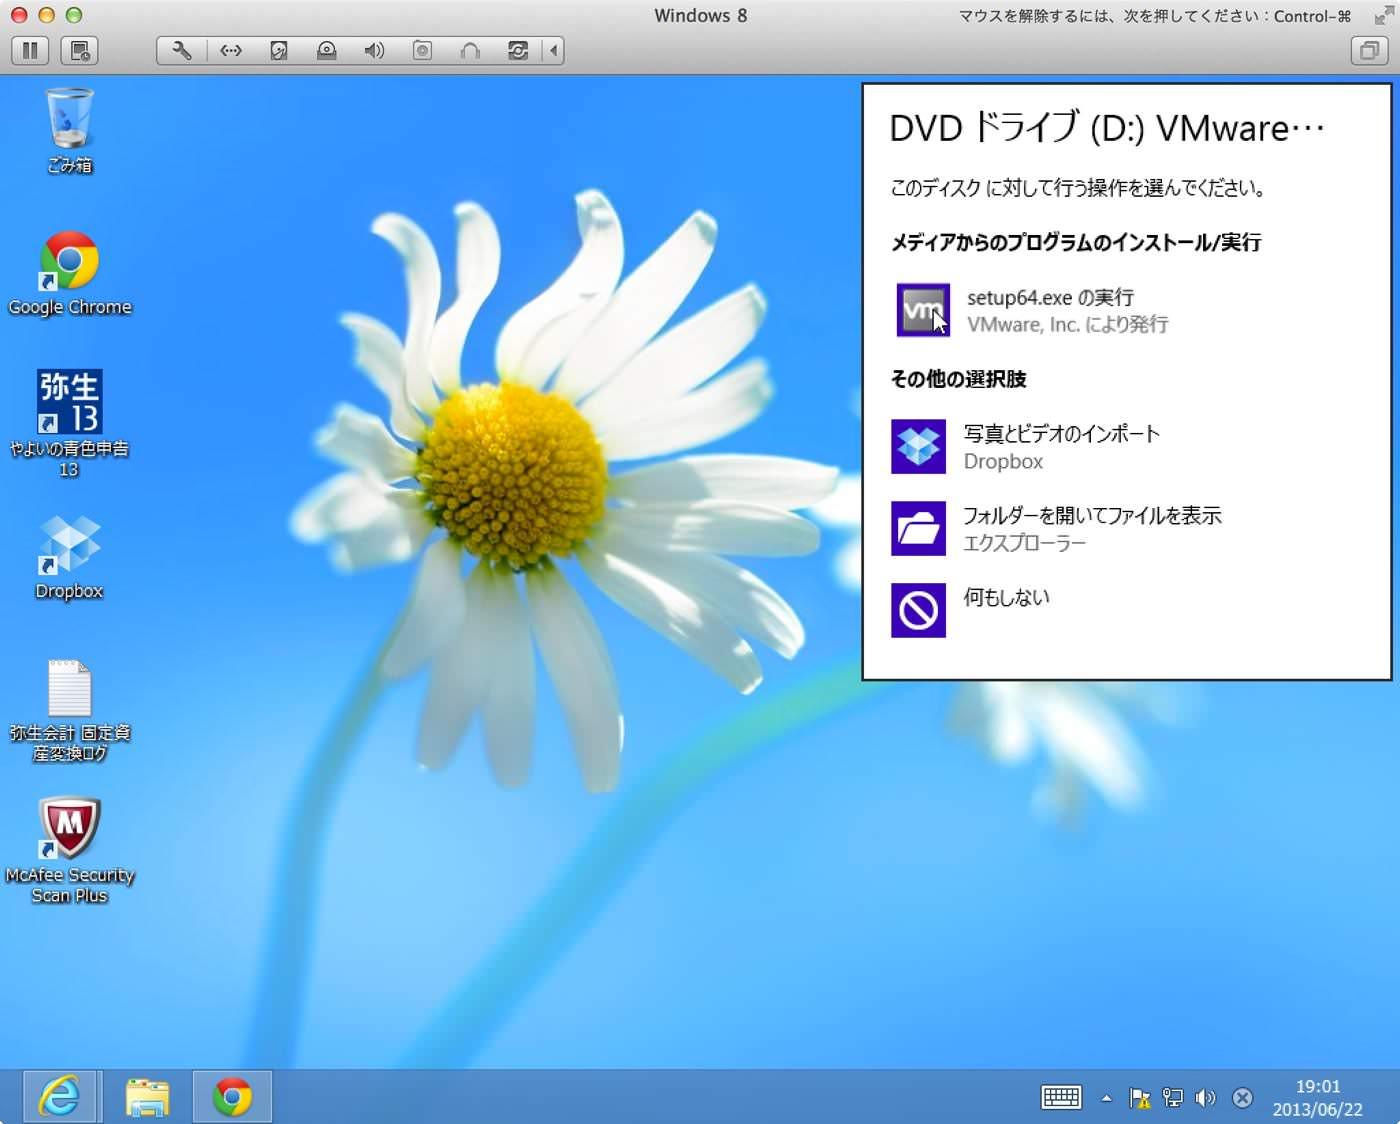 DVDドライブ(D:)VMware…ダイアログ